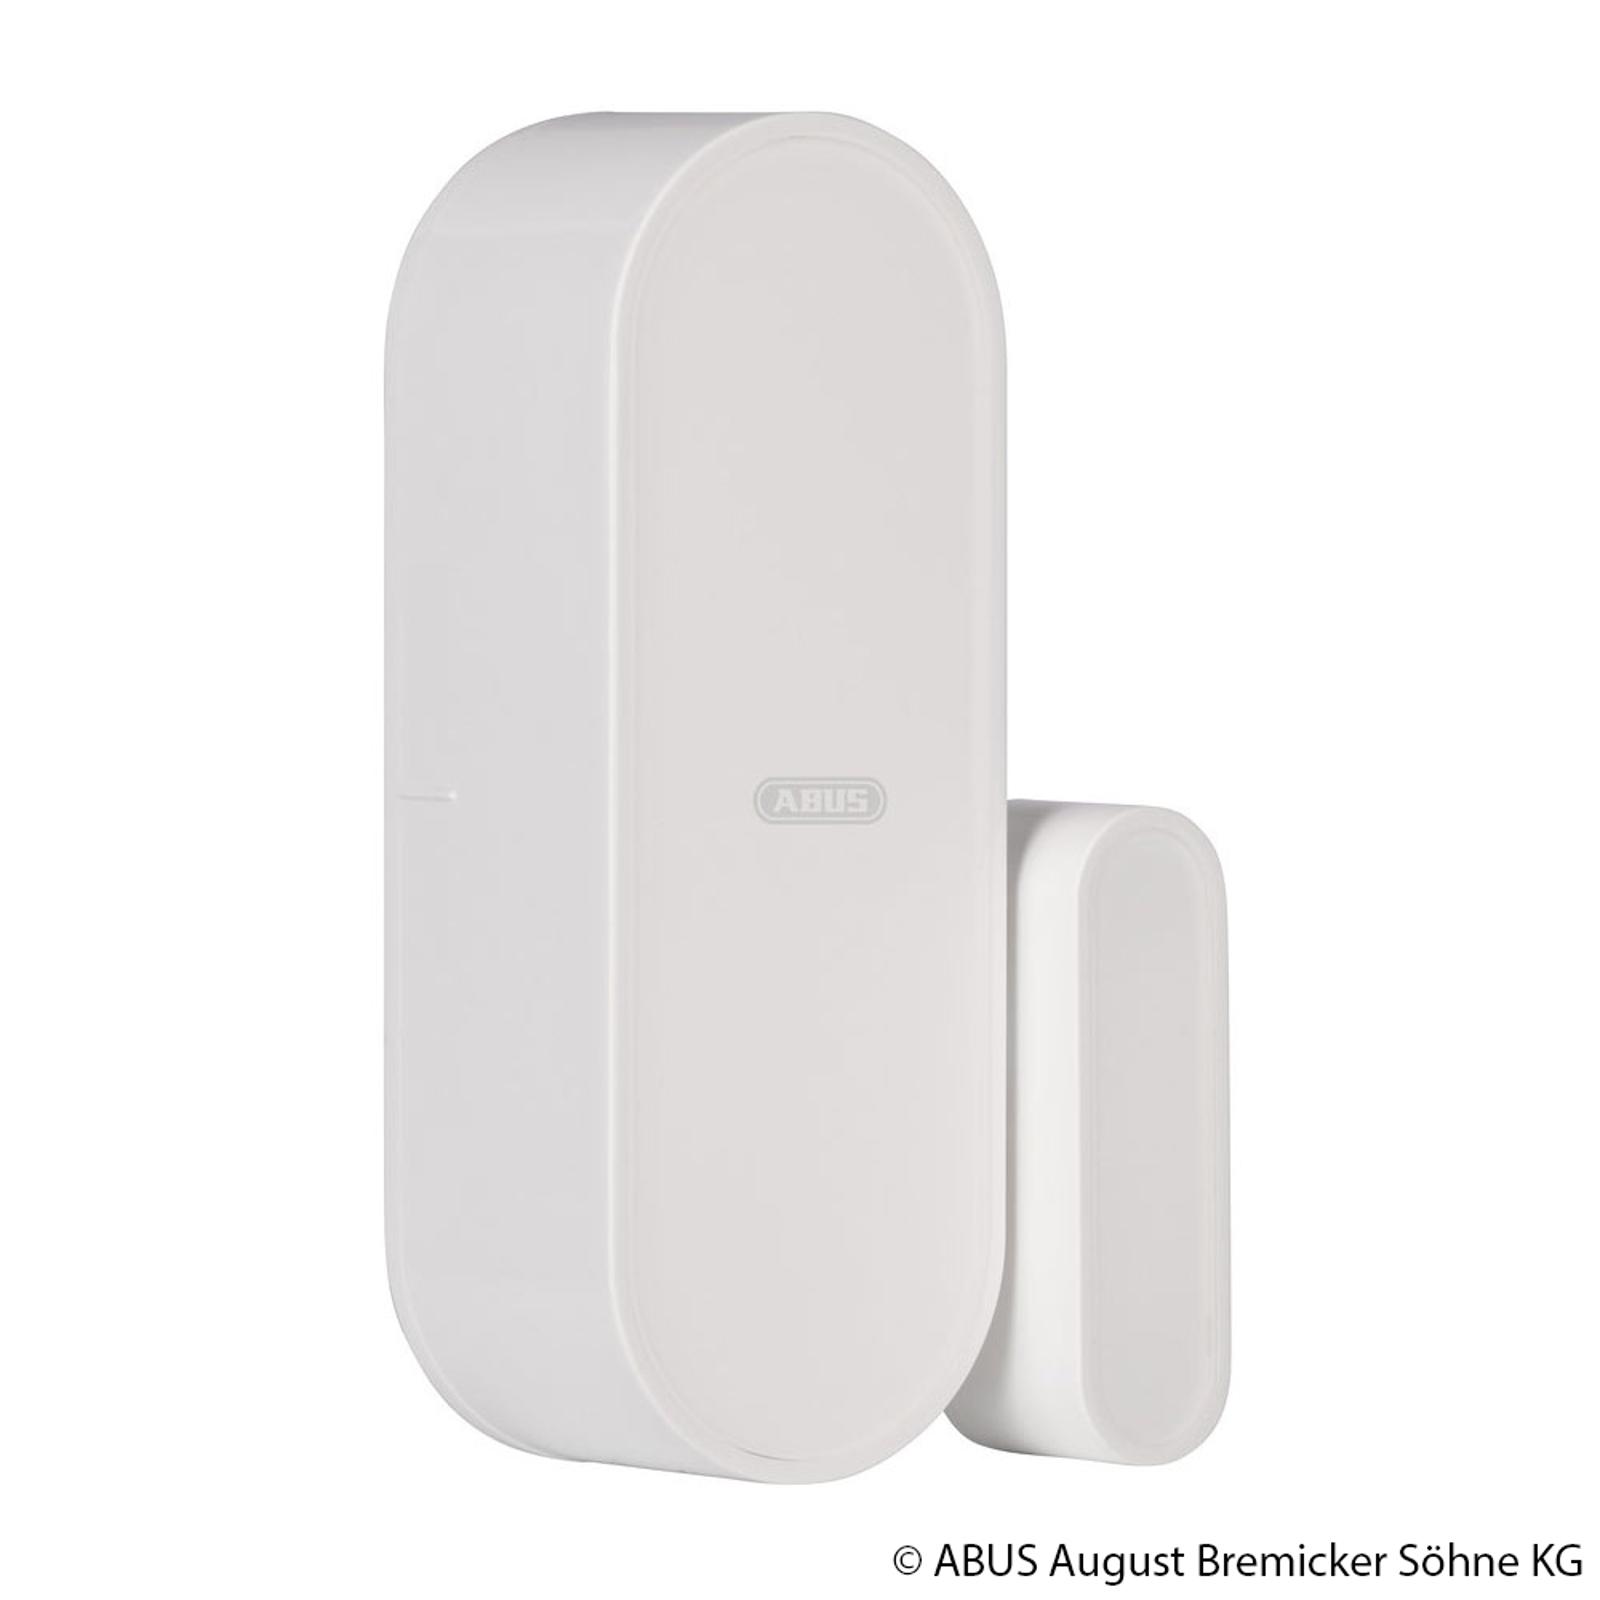 ABUS Z-Wave trådlös dörr- och fönsterkontakt